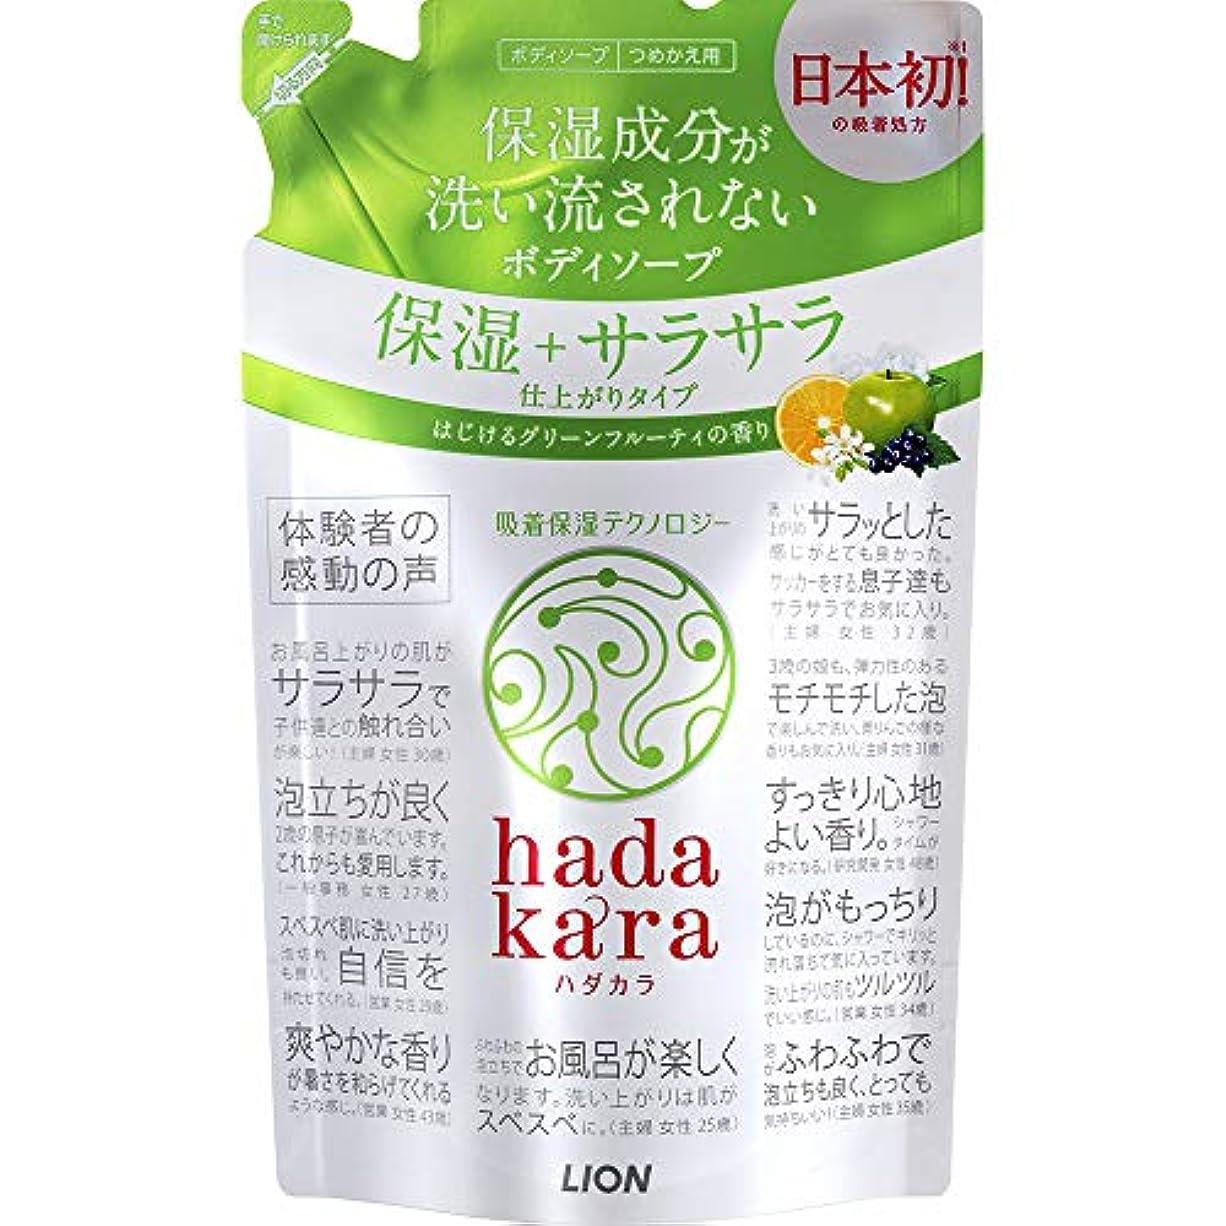 展望台ボウリングガラガラhadakara(ハダカラ) ボディソープ 保湿+サラサラ仕上がりタイプ グリーンフルーティの香り 詰め替え 340ml